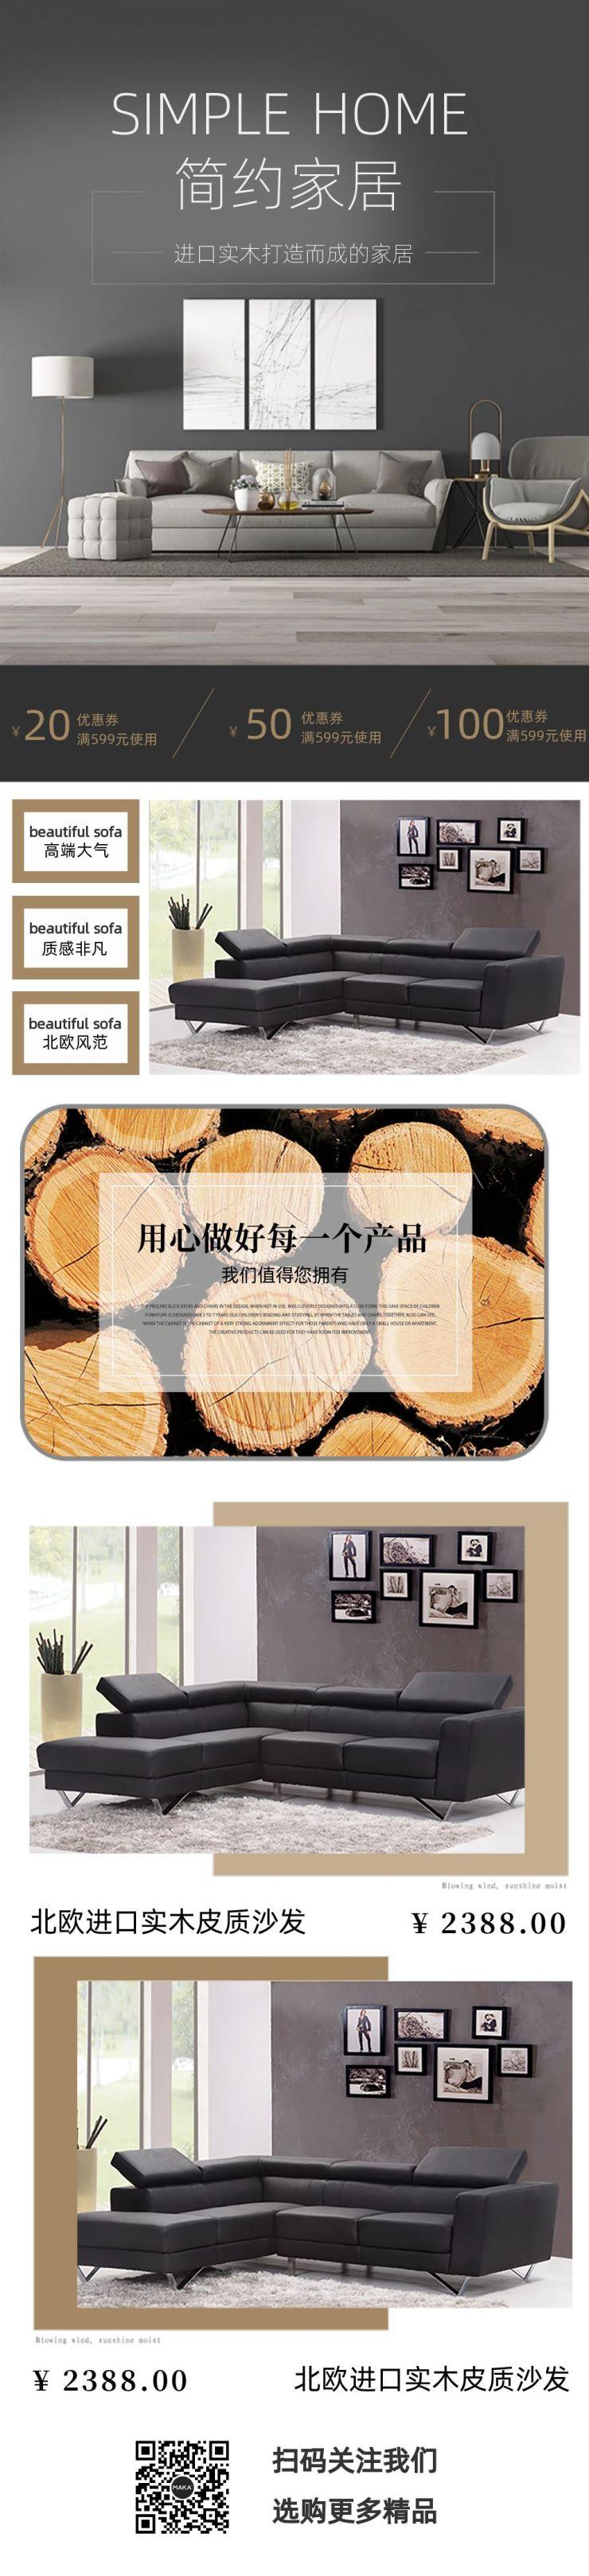 灰色简约大气风格家装节沙发促销宣传长图